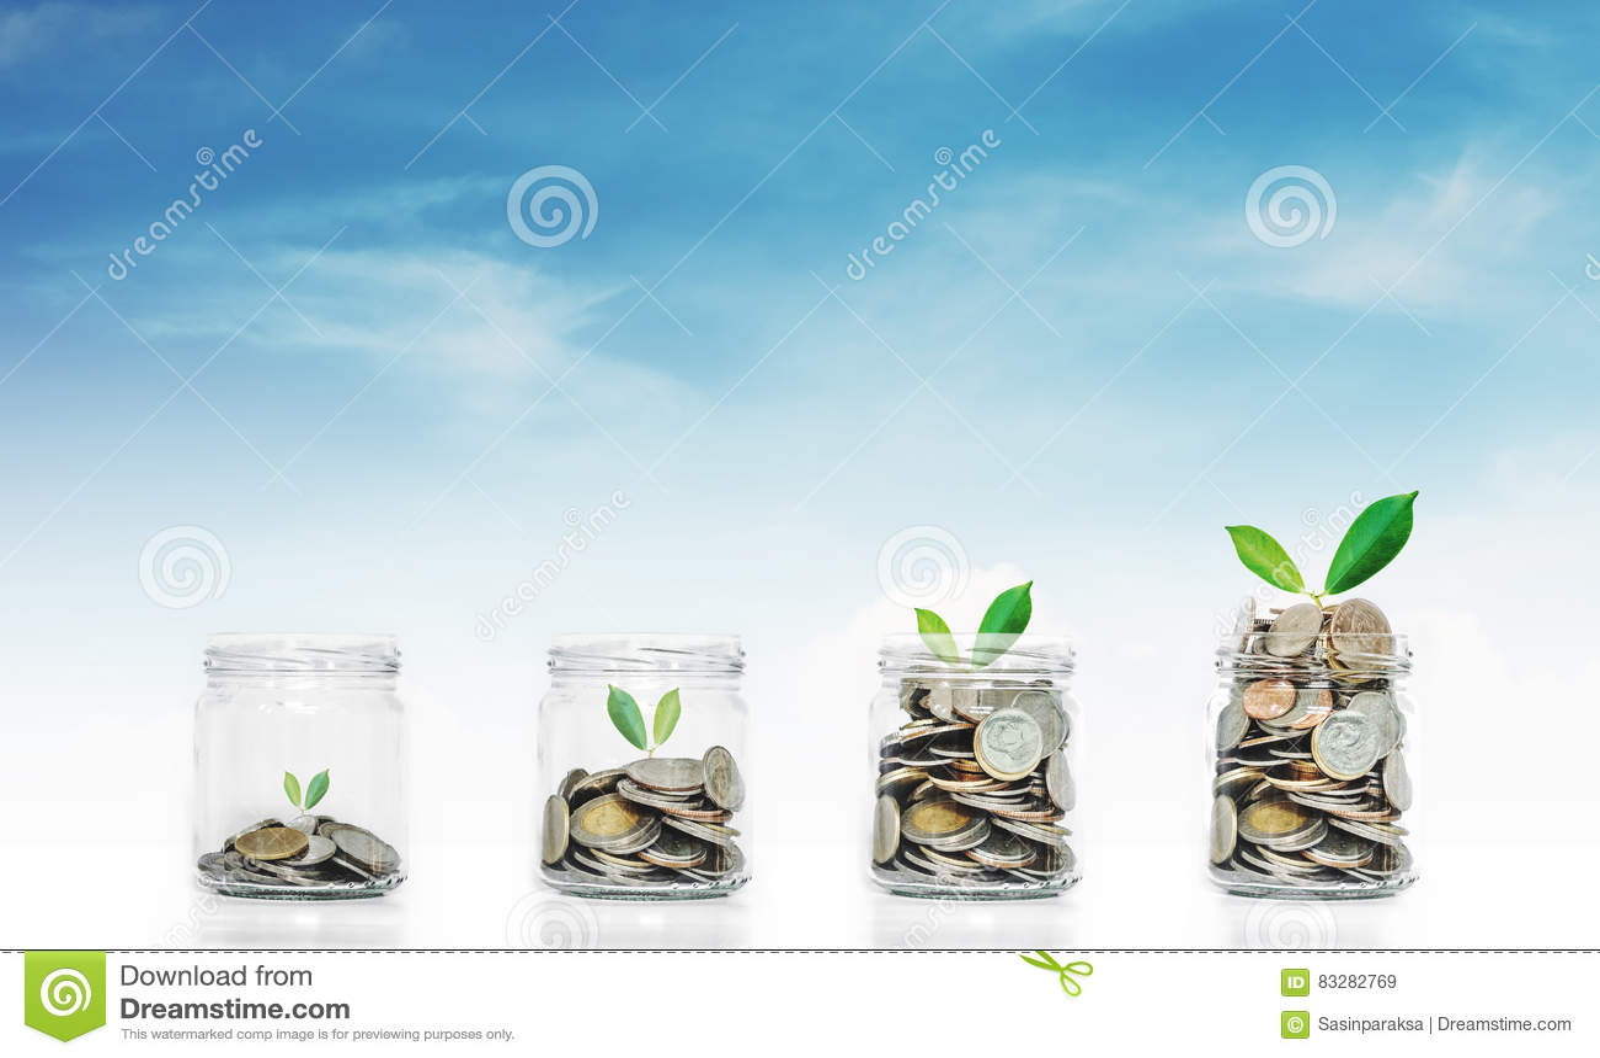 Pieniądze oszczędzania wzrostowi pojęcia, szklany słój z monetami i rośliny r, na niebieskiego nieba tle